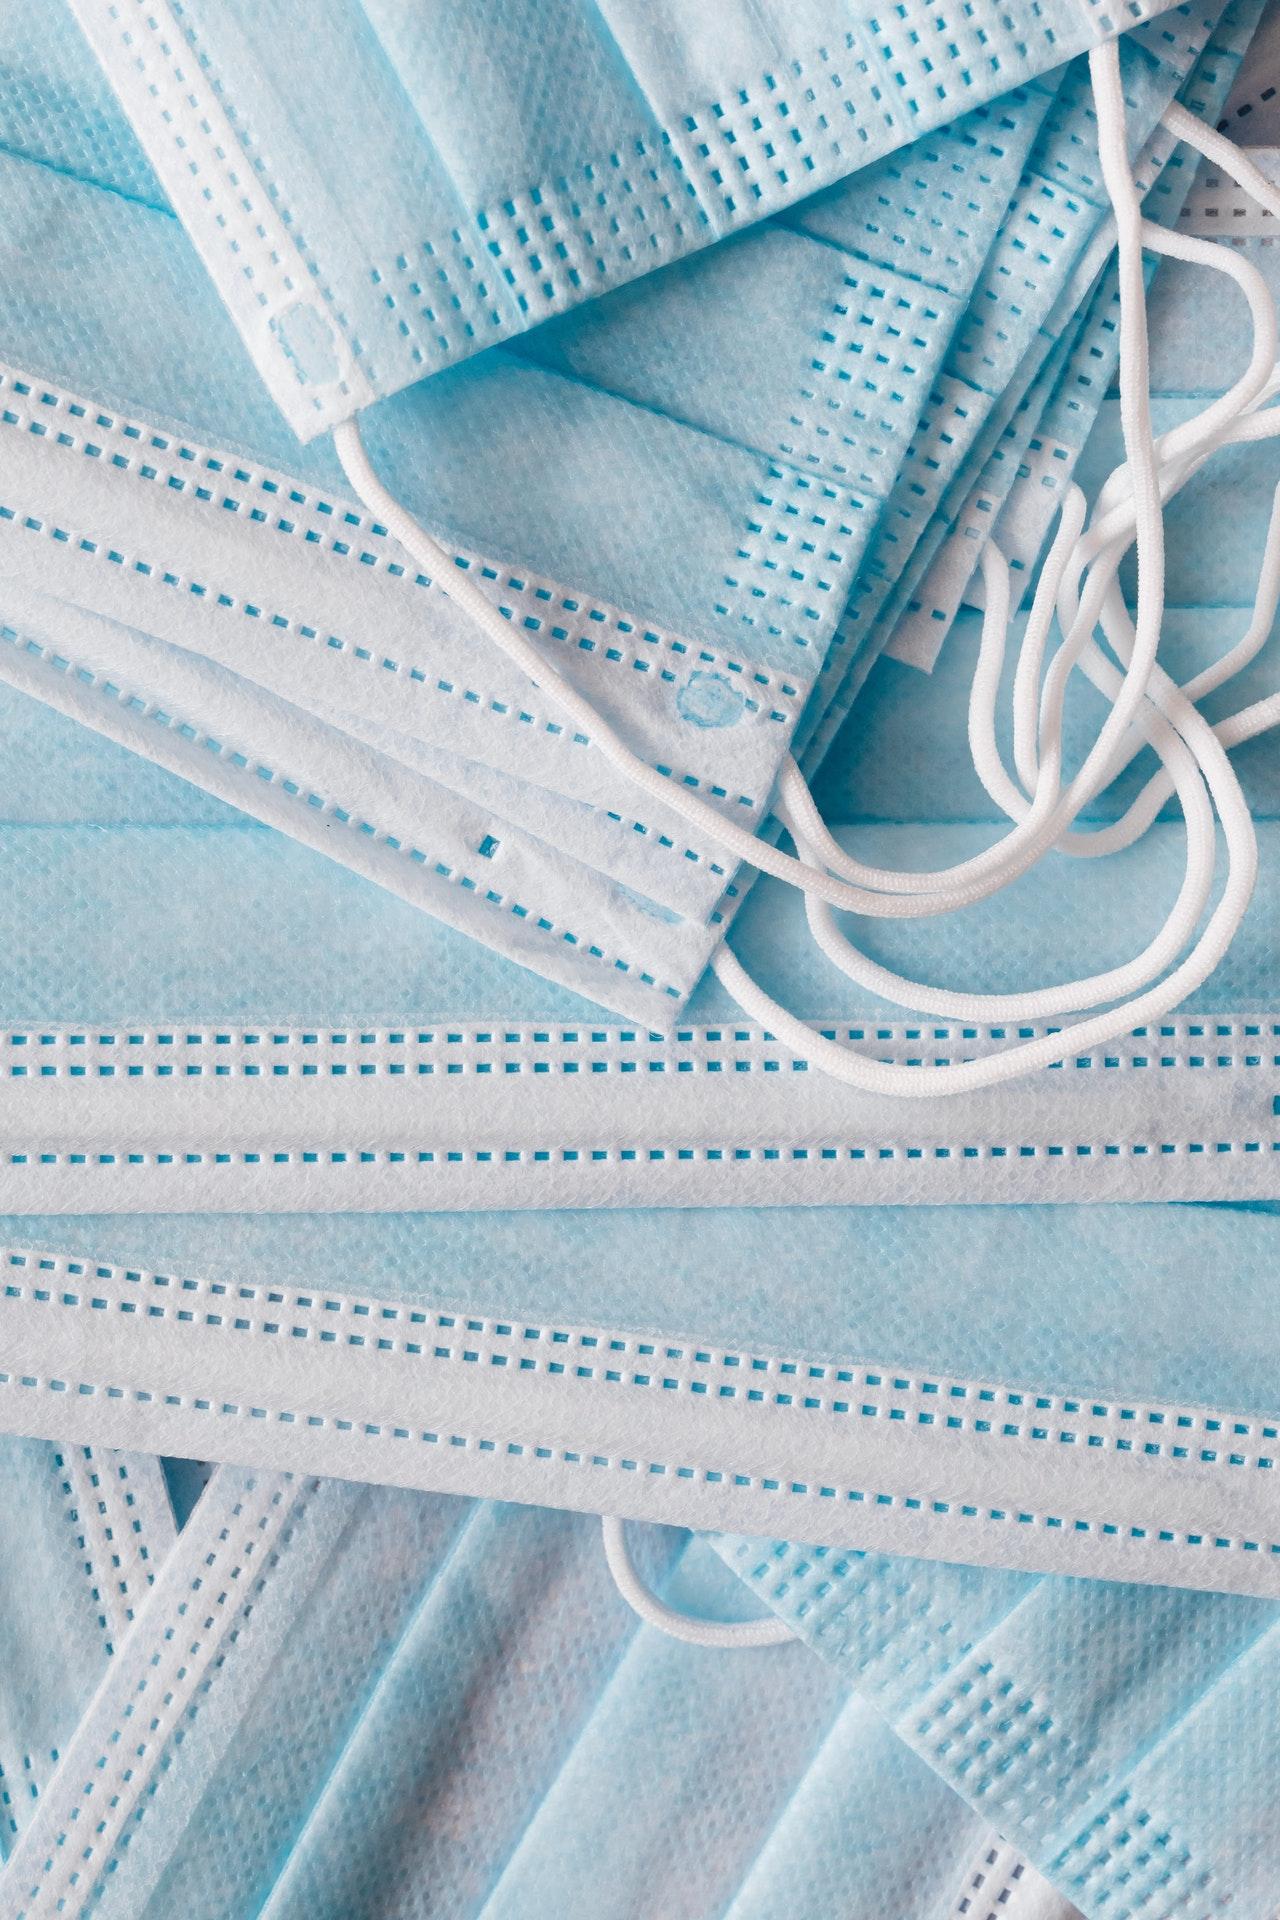 Medstone Webshop Products